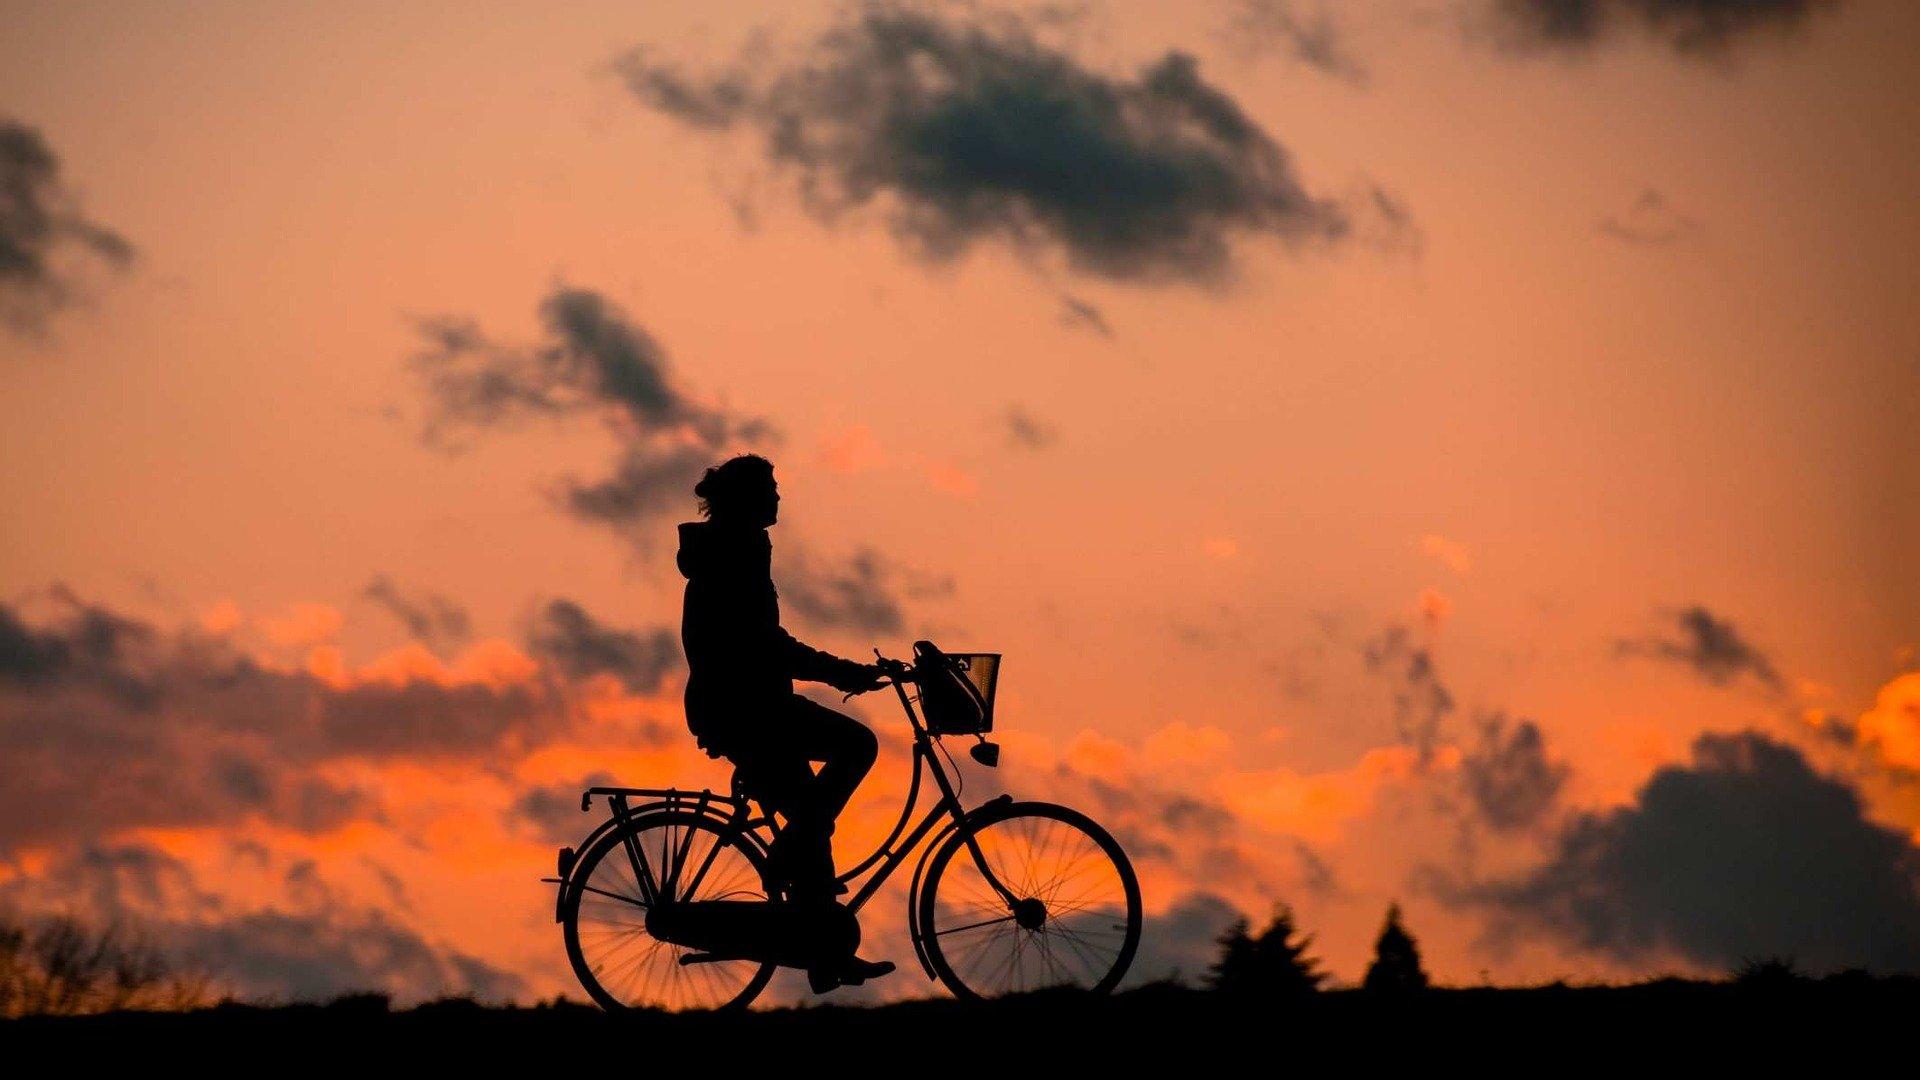 Silhouette eines Fahrradfahrers im Sonnenuntergang